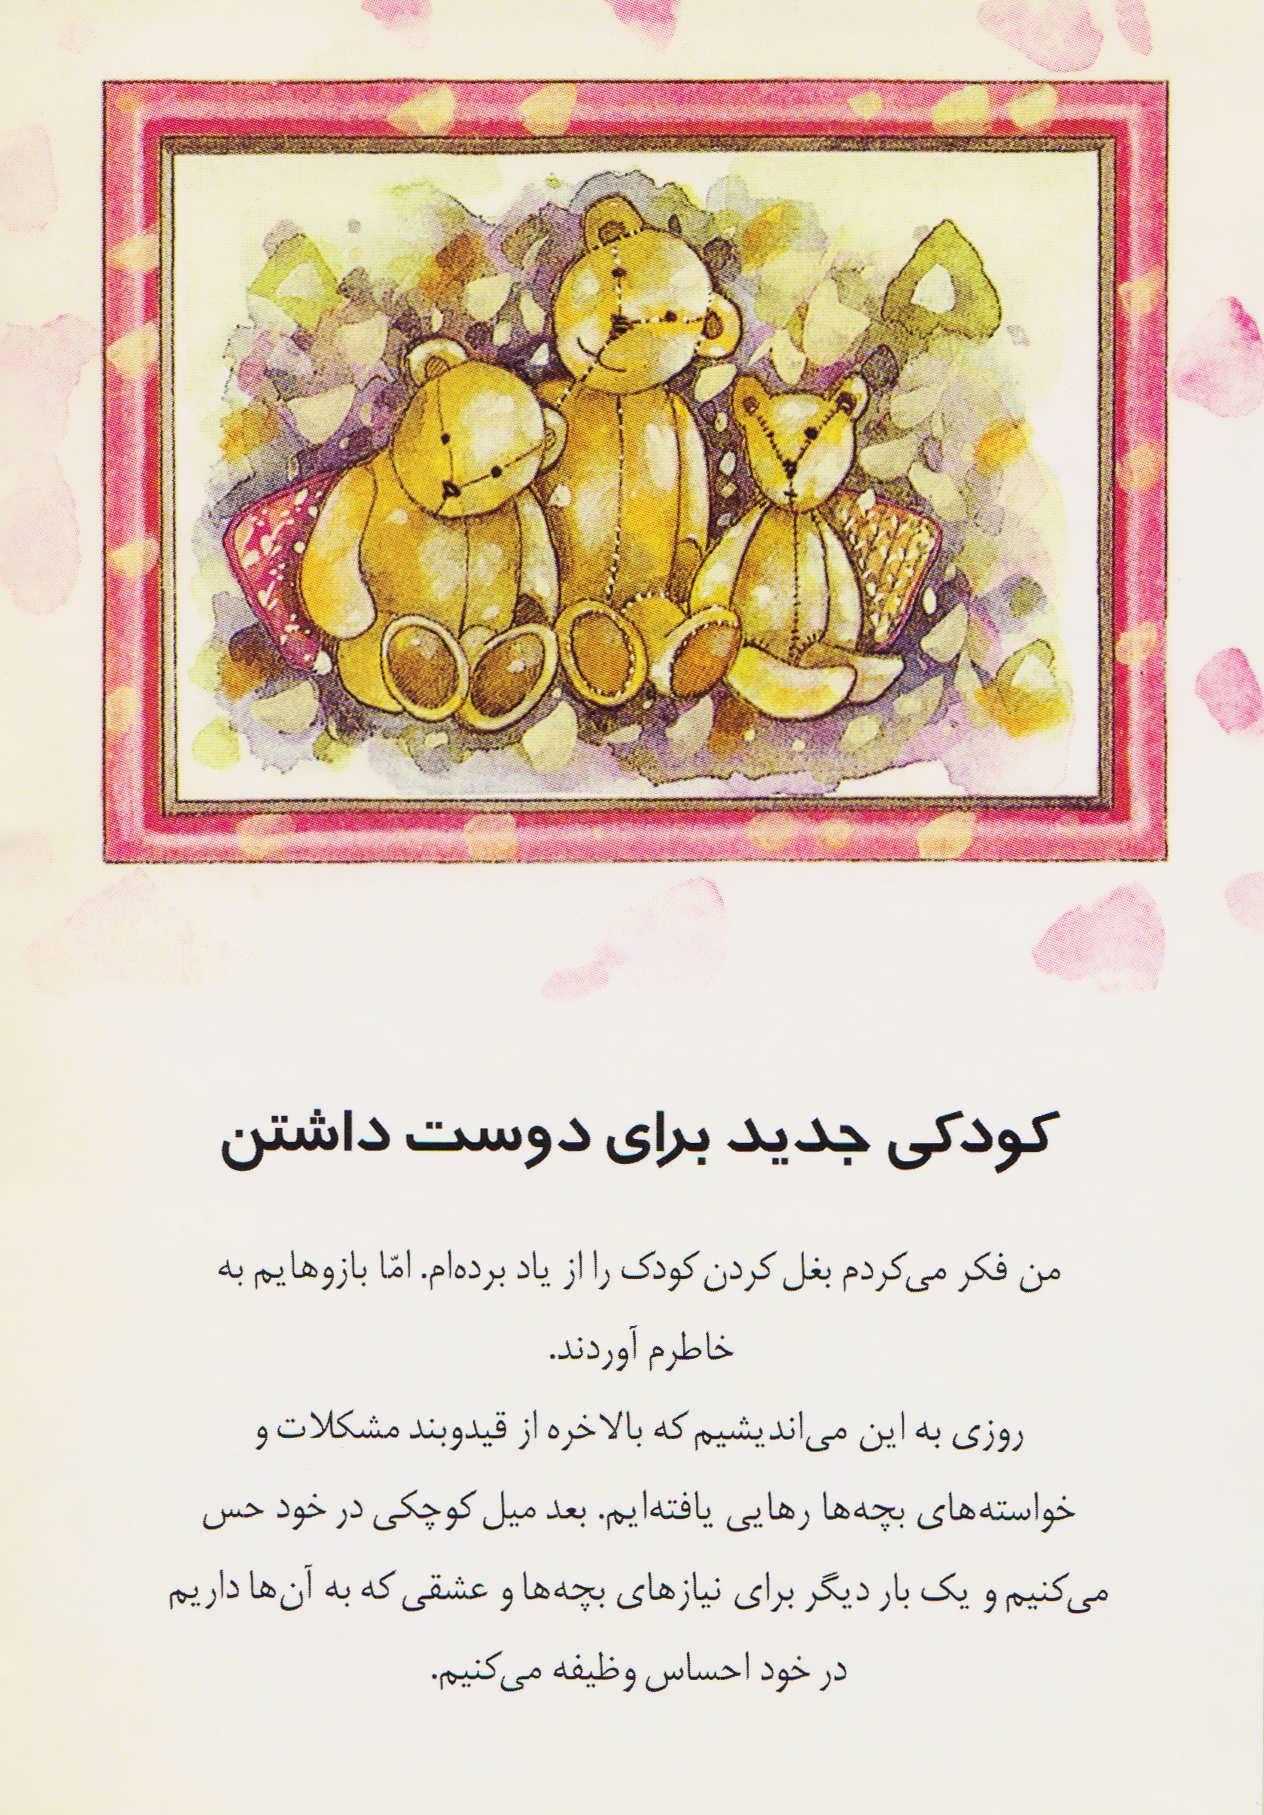 به مادربزرگی فوق العاده استثنایی (کتاب کوچک عشق)